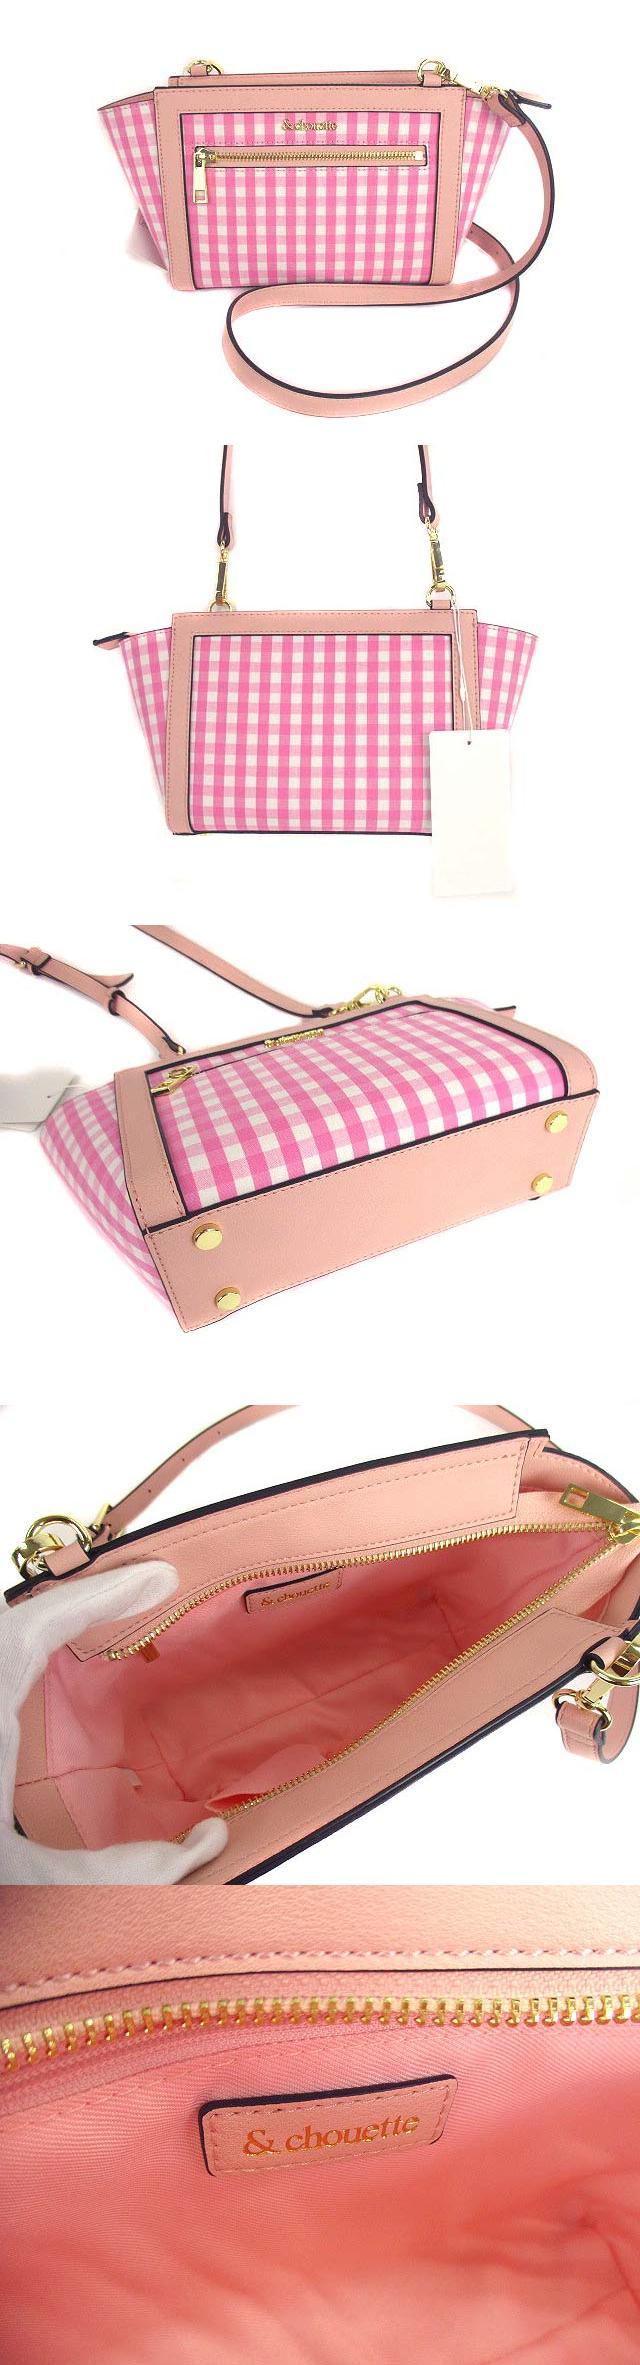 ショルダーバッグ ポシェット かばん 鞄 斜め掛け ギンガムサンティユ ピンク